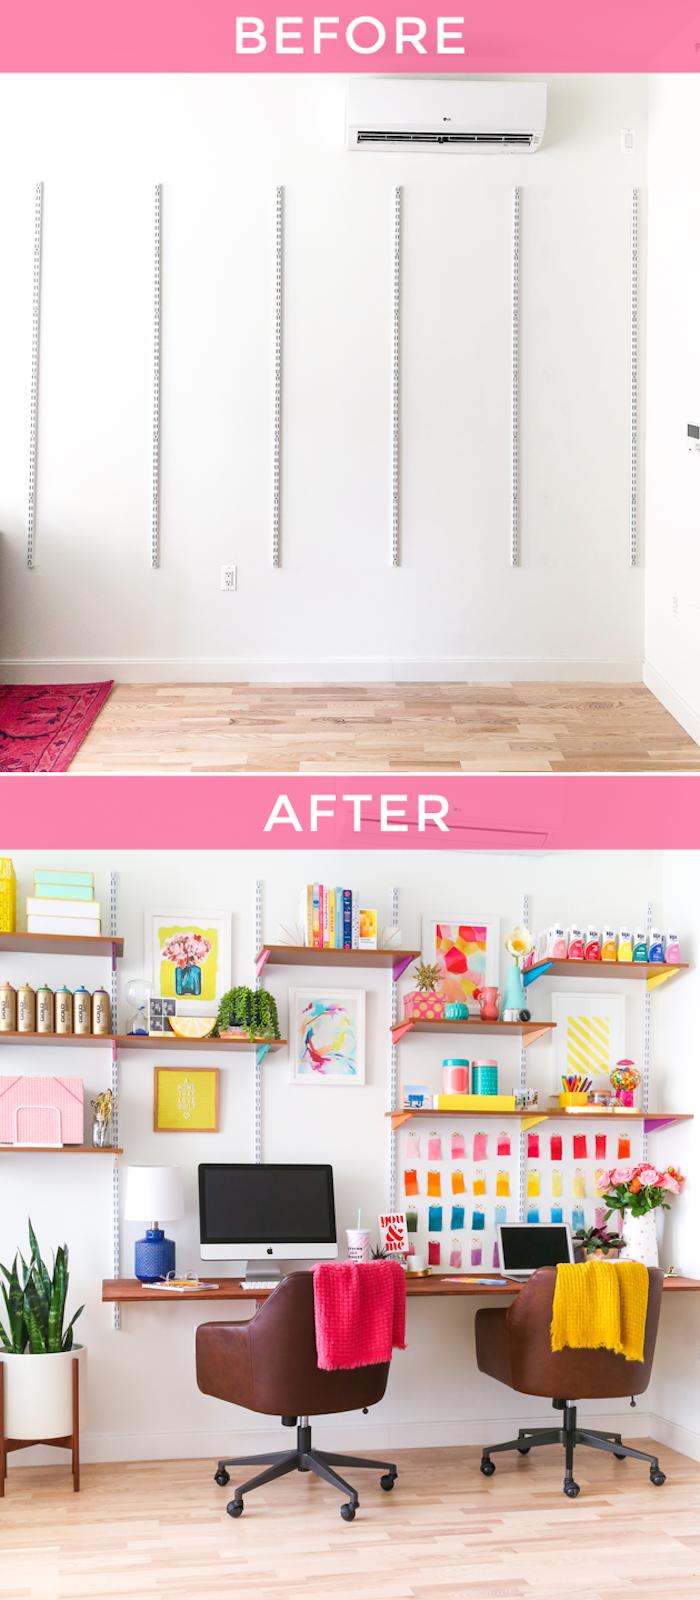 Photo avant apres coin bureau, décoration de bureau dans la chambre à coucher, créer de l'atmosphère joviale